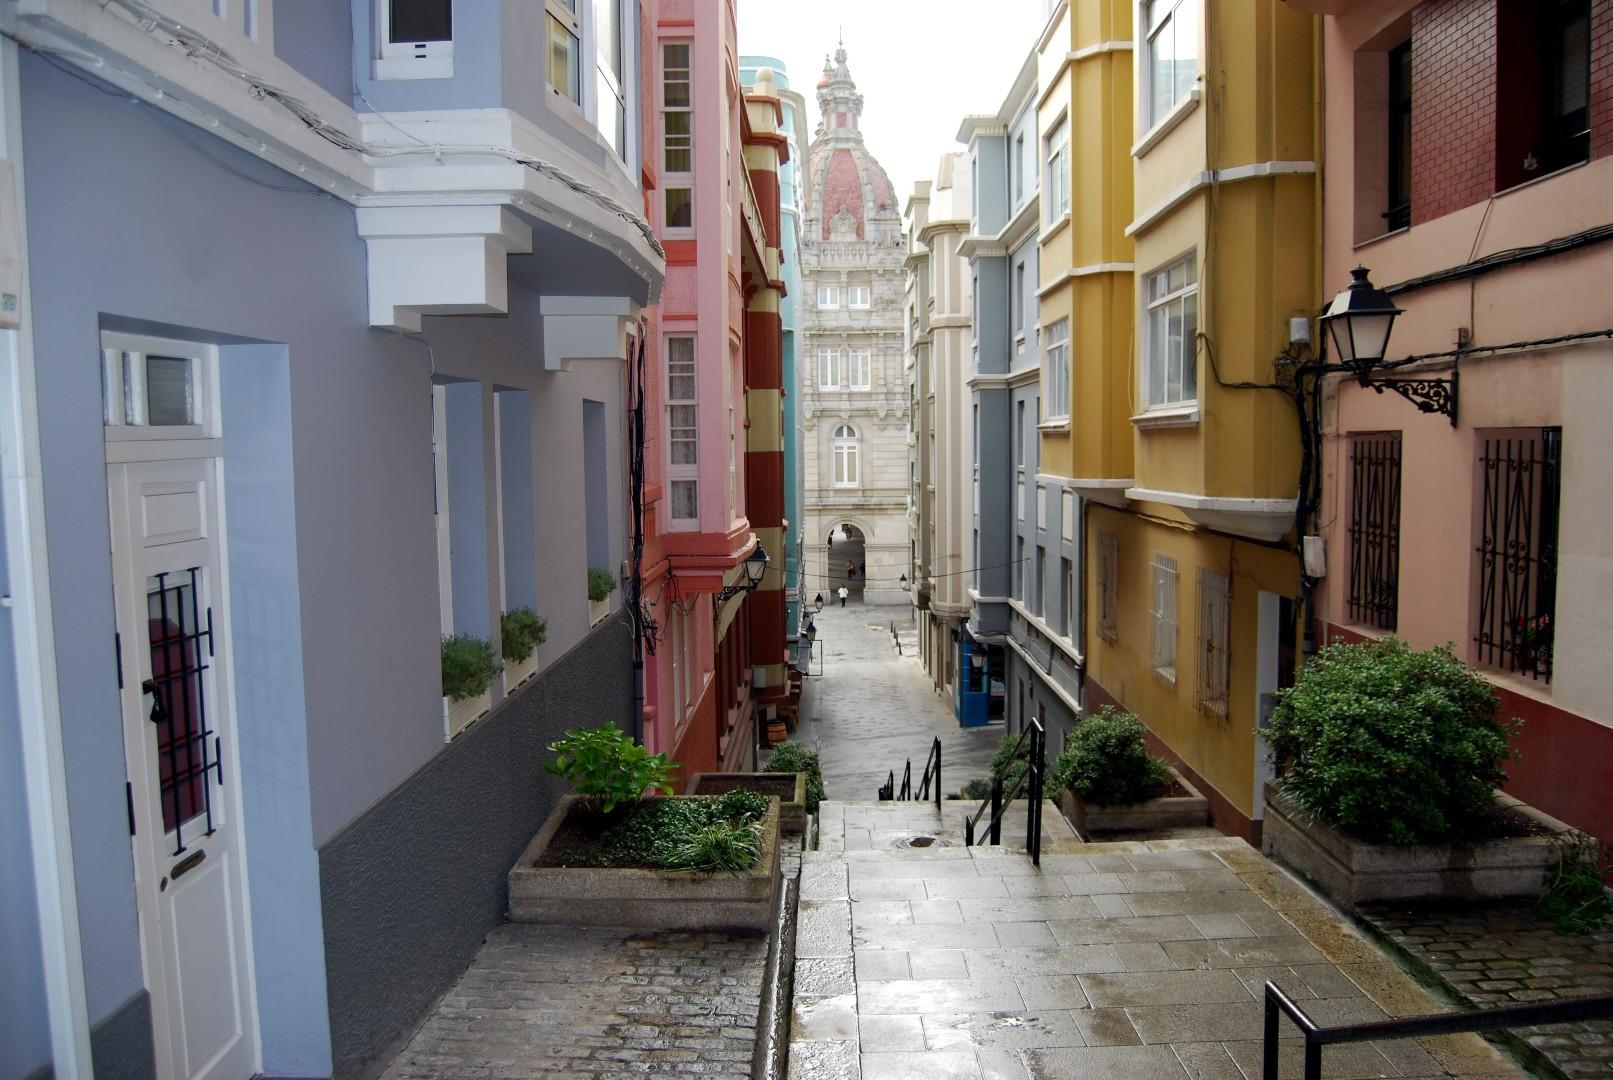 Alquiler y venta de pisos en ciudad vieja plaza de espa a for Pisos alquiler culleredo